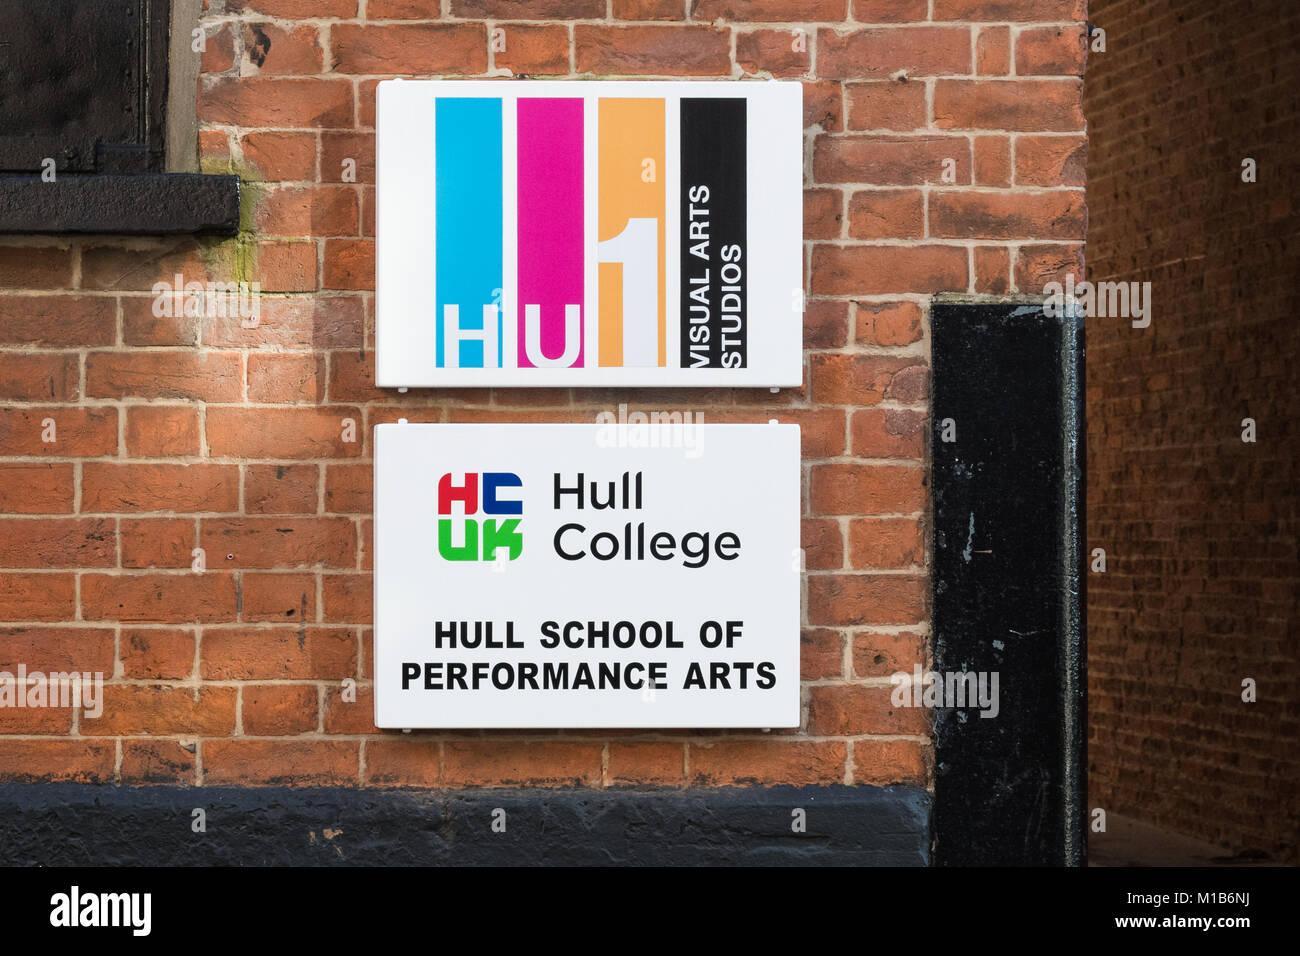 HU1 Studios d'arts visuels, les arts de l'École de Hull, Hull, Hull College, Angleterre, RU Photo Stock